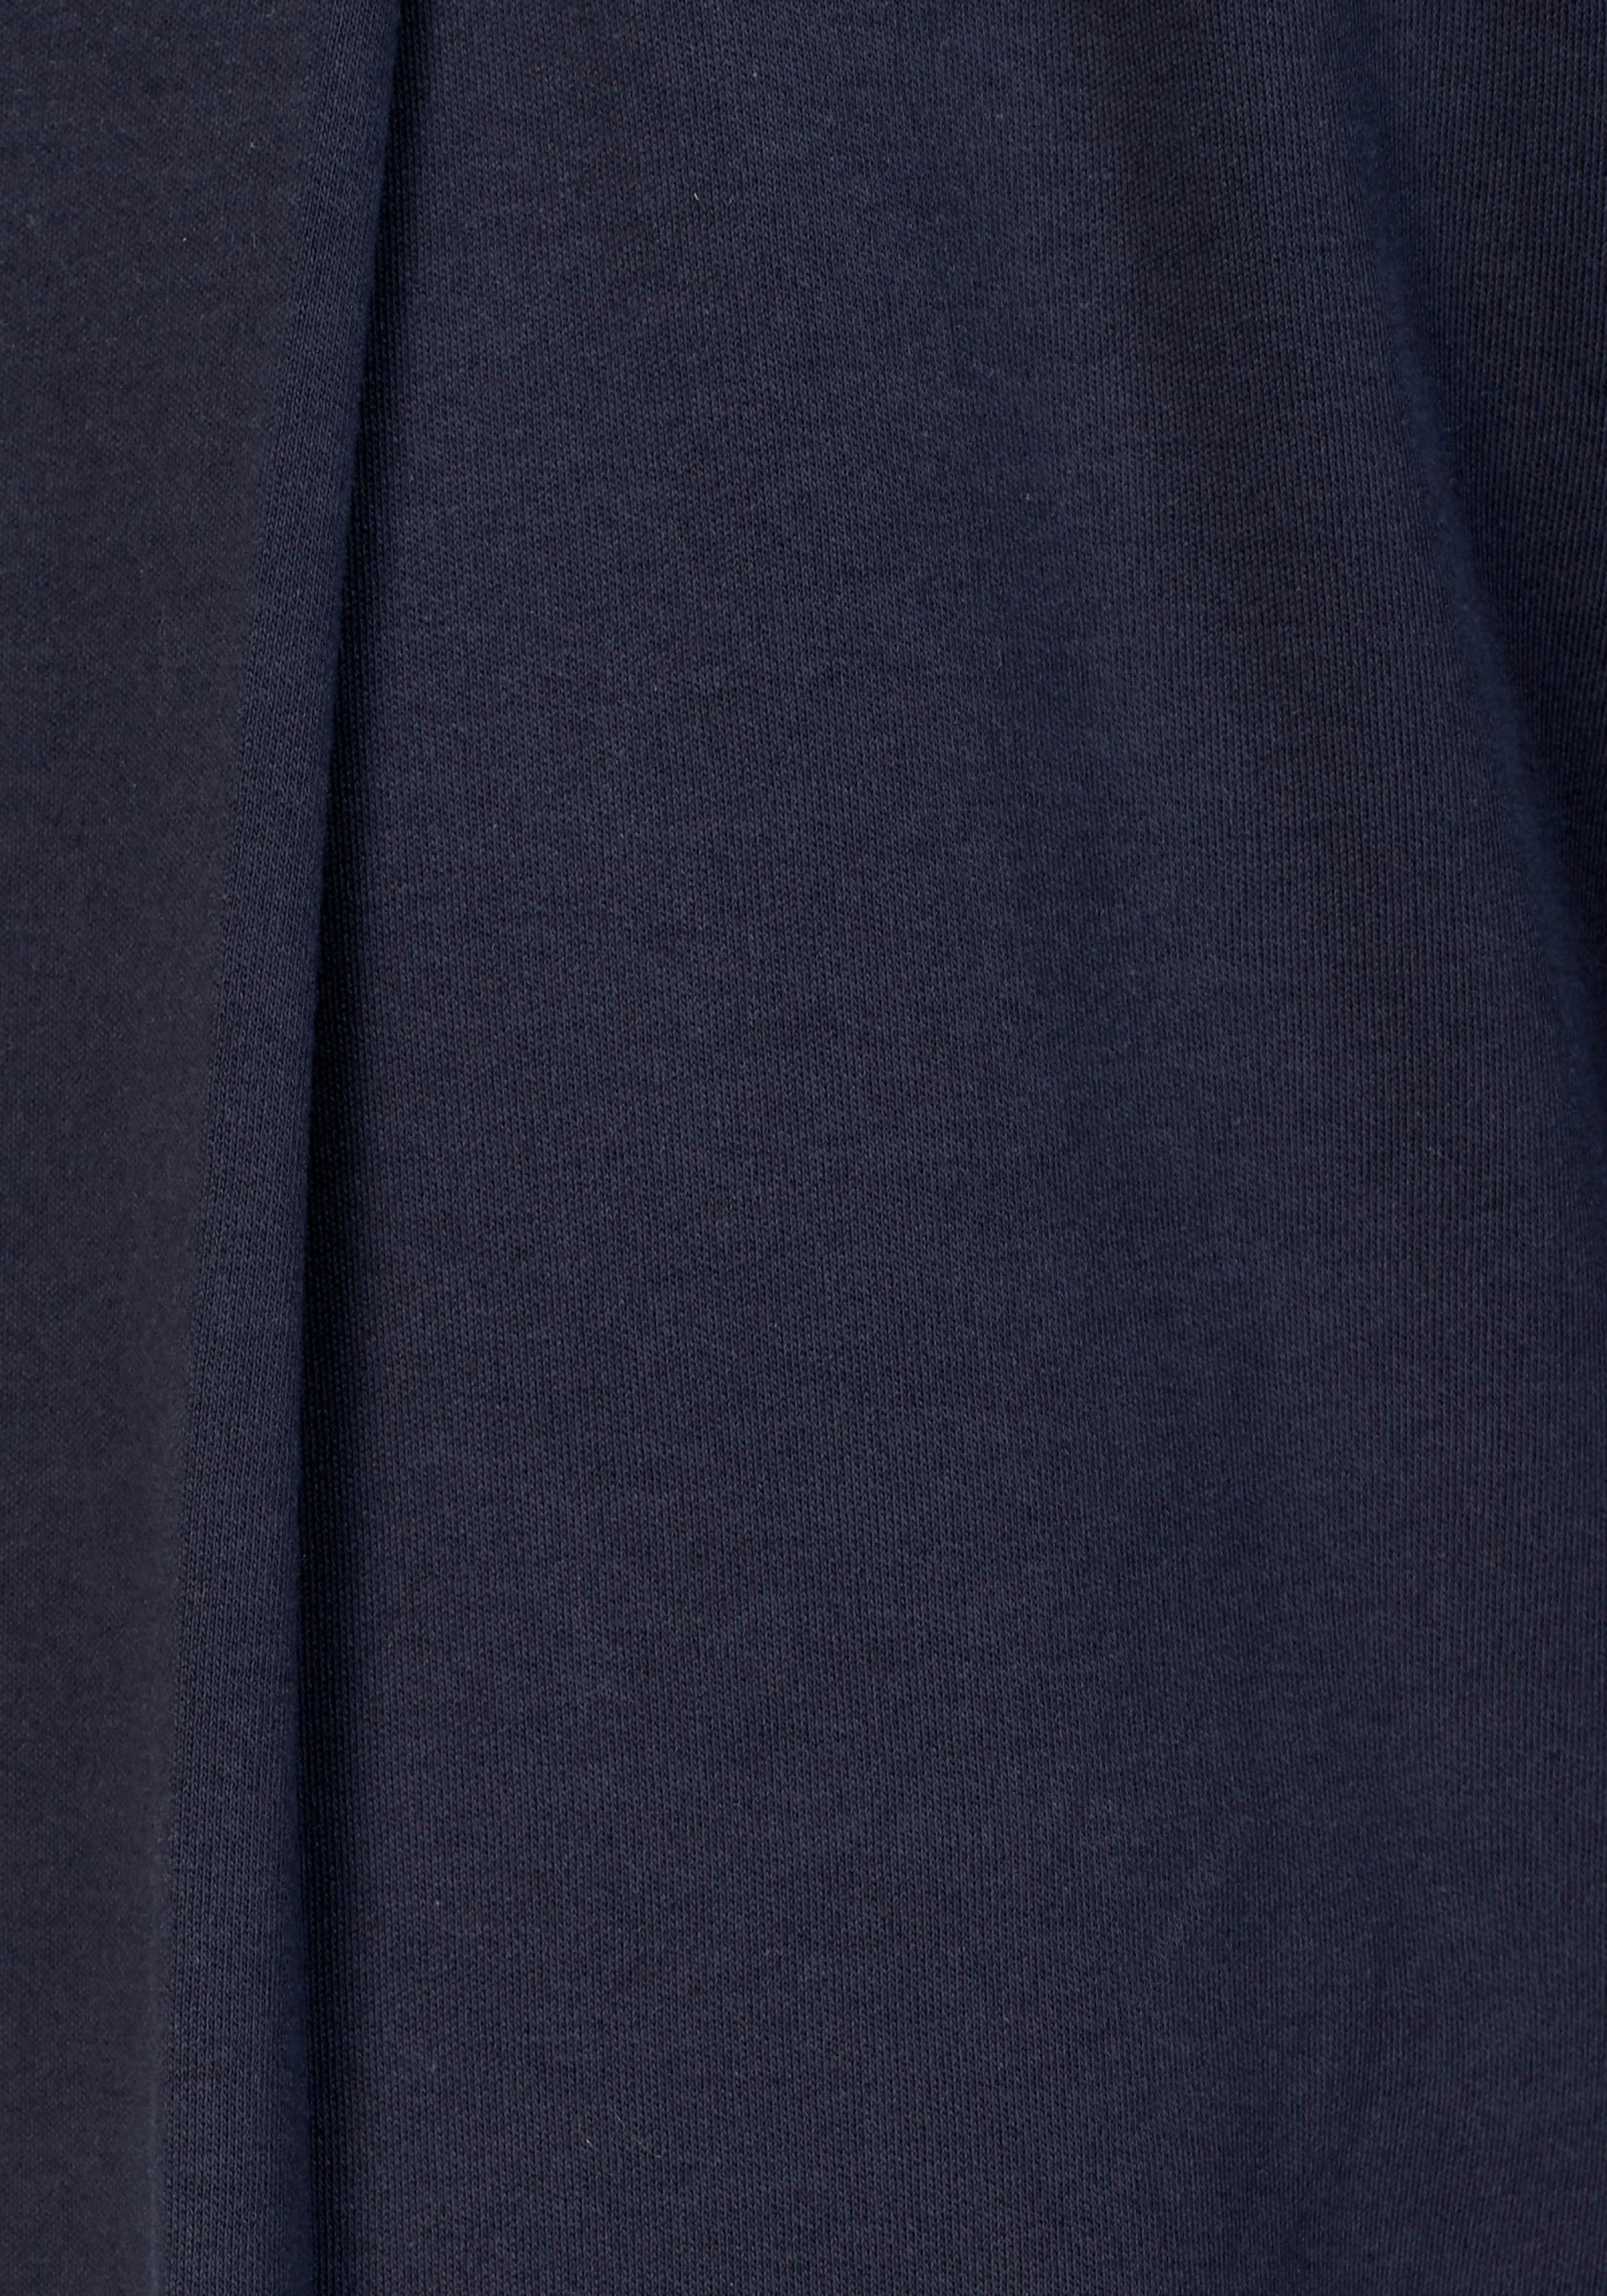 Kaufen Team In FormschönerFester Tailor Polo Culotte Online qualität Tom Jersey 0v8wmNn